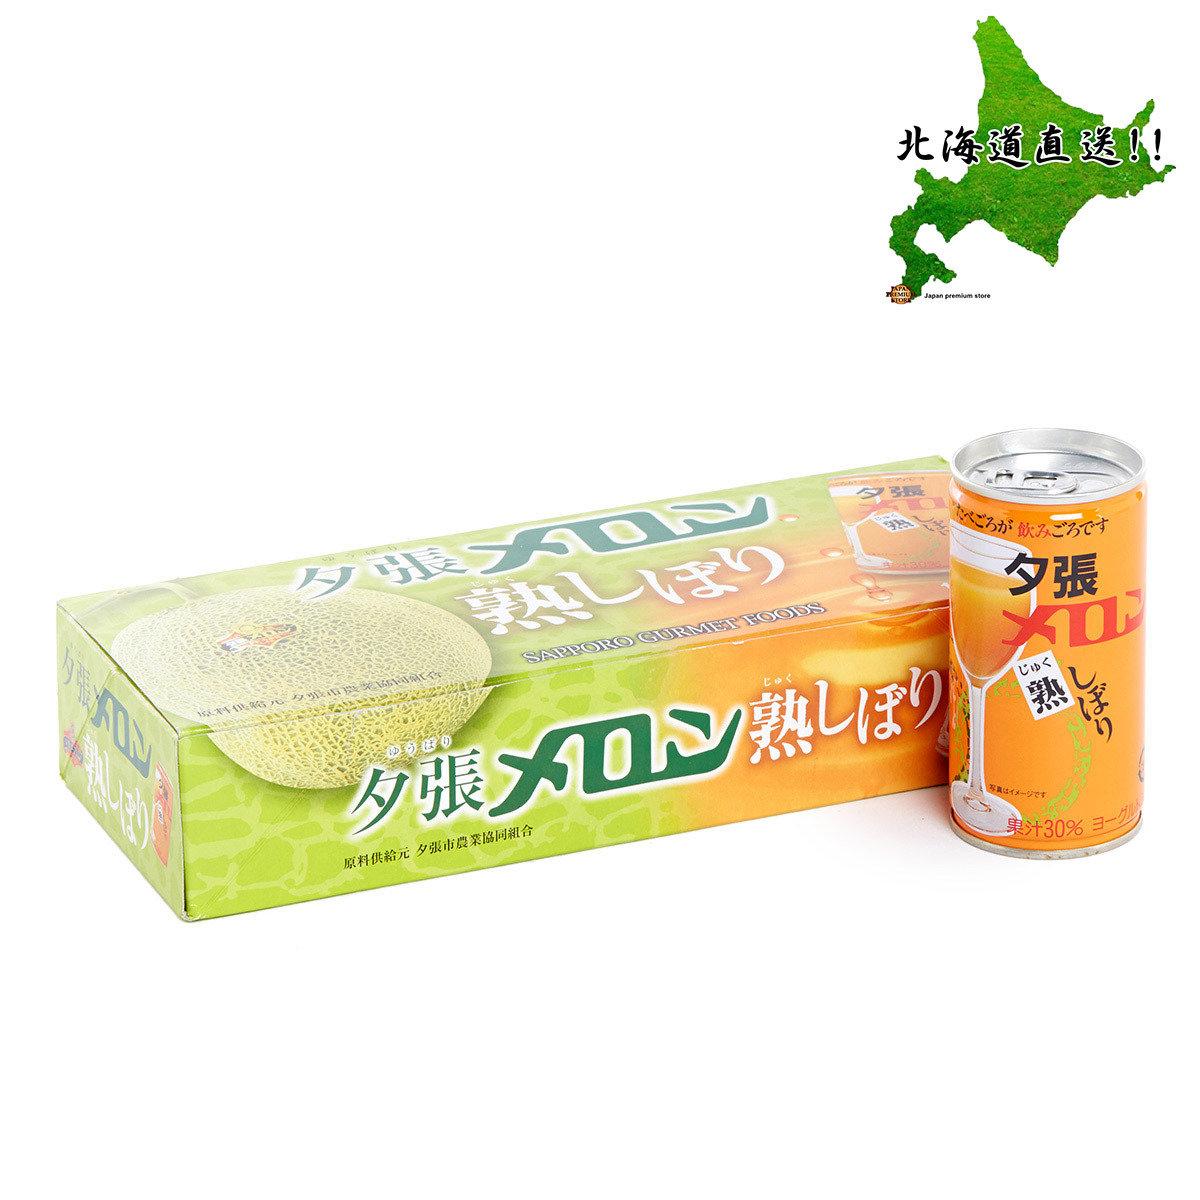 北海道 夕張蜜瓜完熟果汁 (190克 x 5罐)